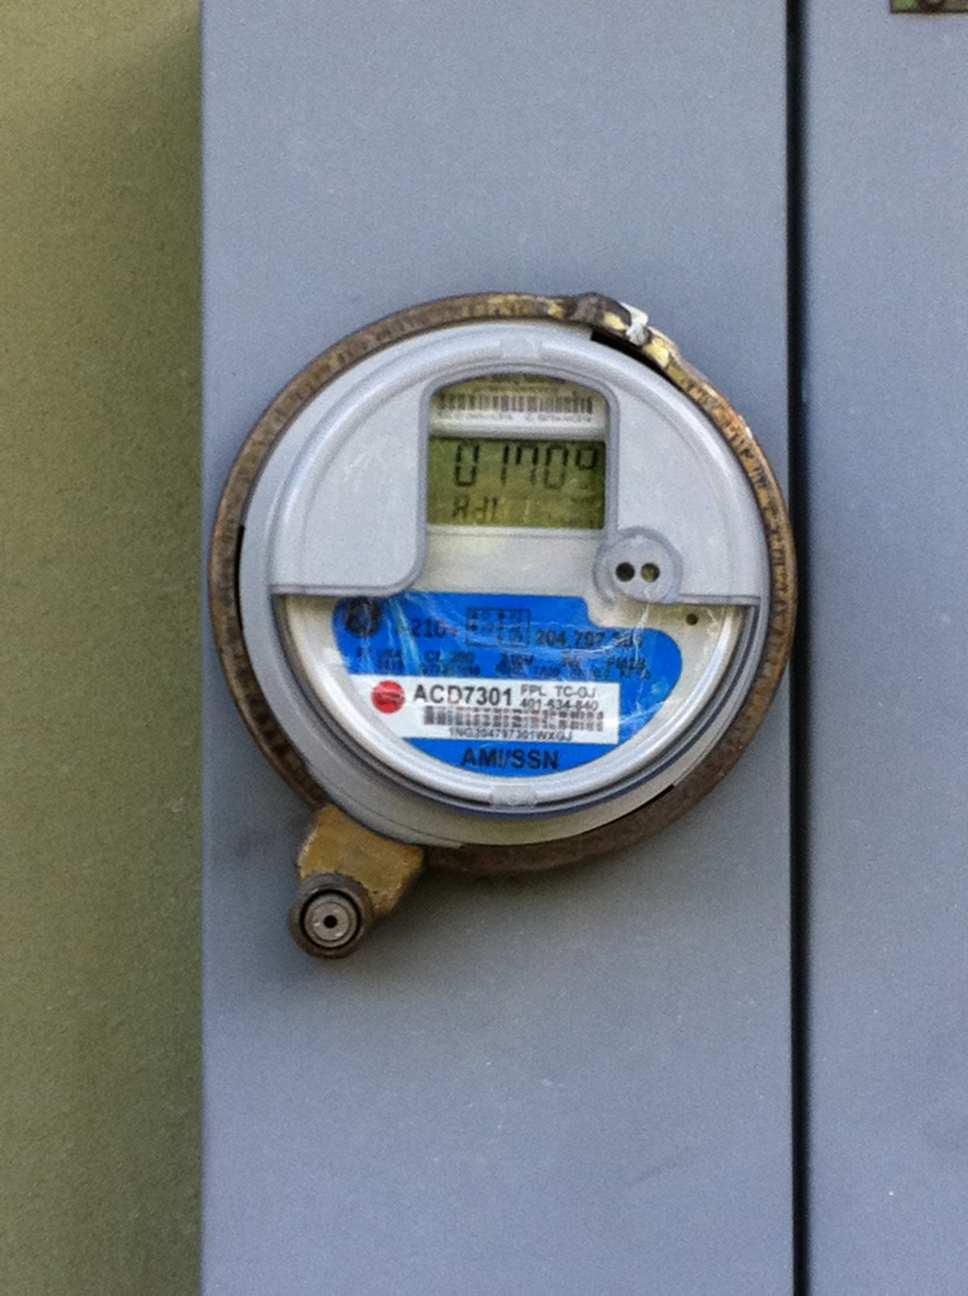 Hi-Tech Meter